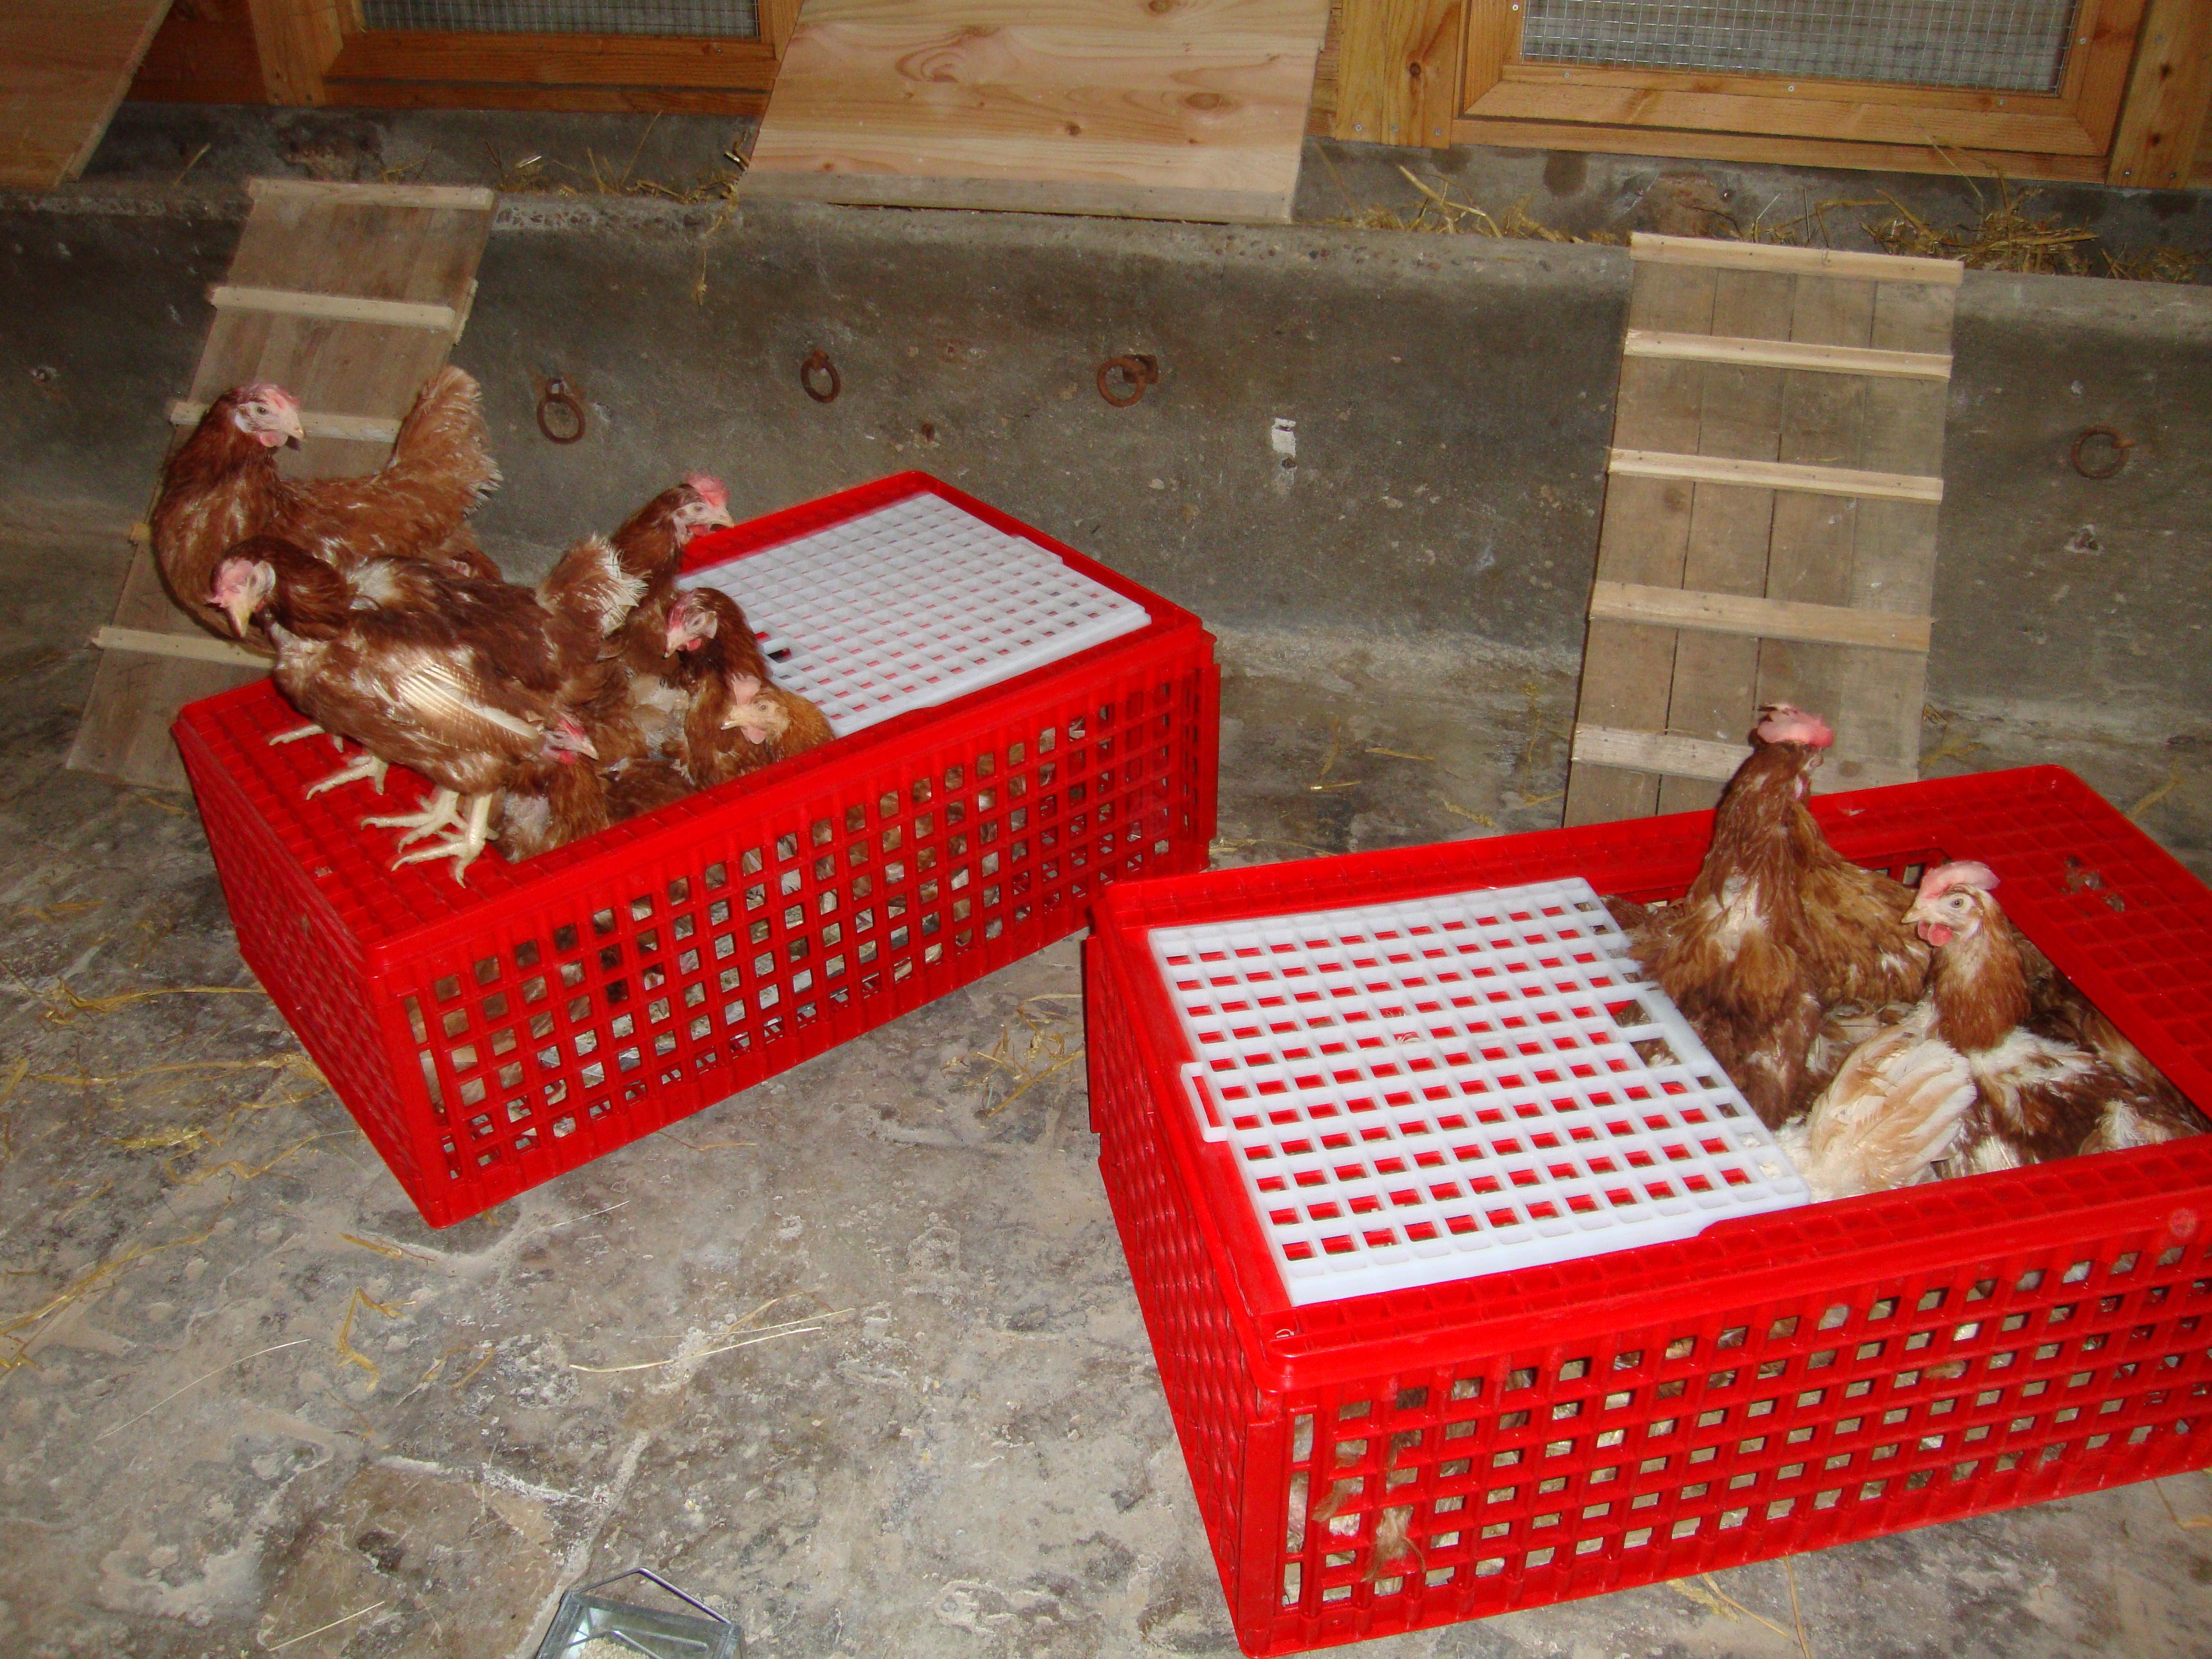 Il ne suffit que de quelques minutes pour que les poules expriment des comportements qui leur étaient jusque là interdits...